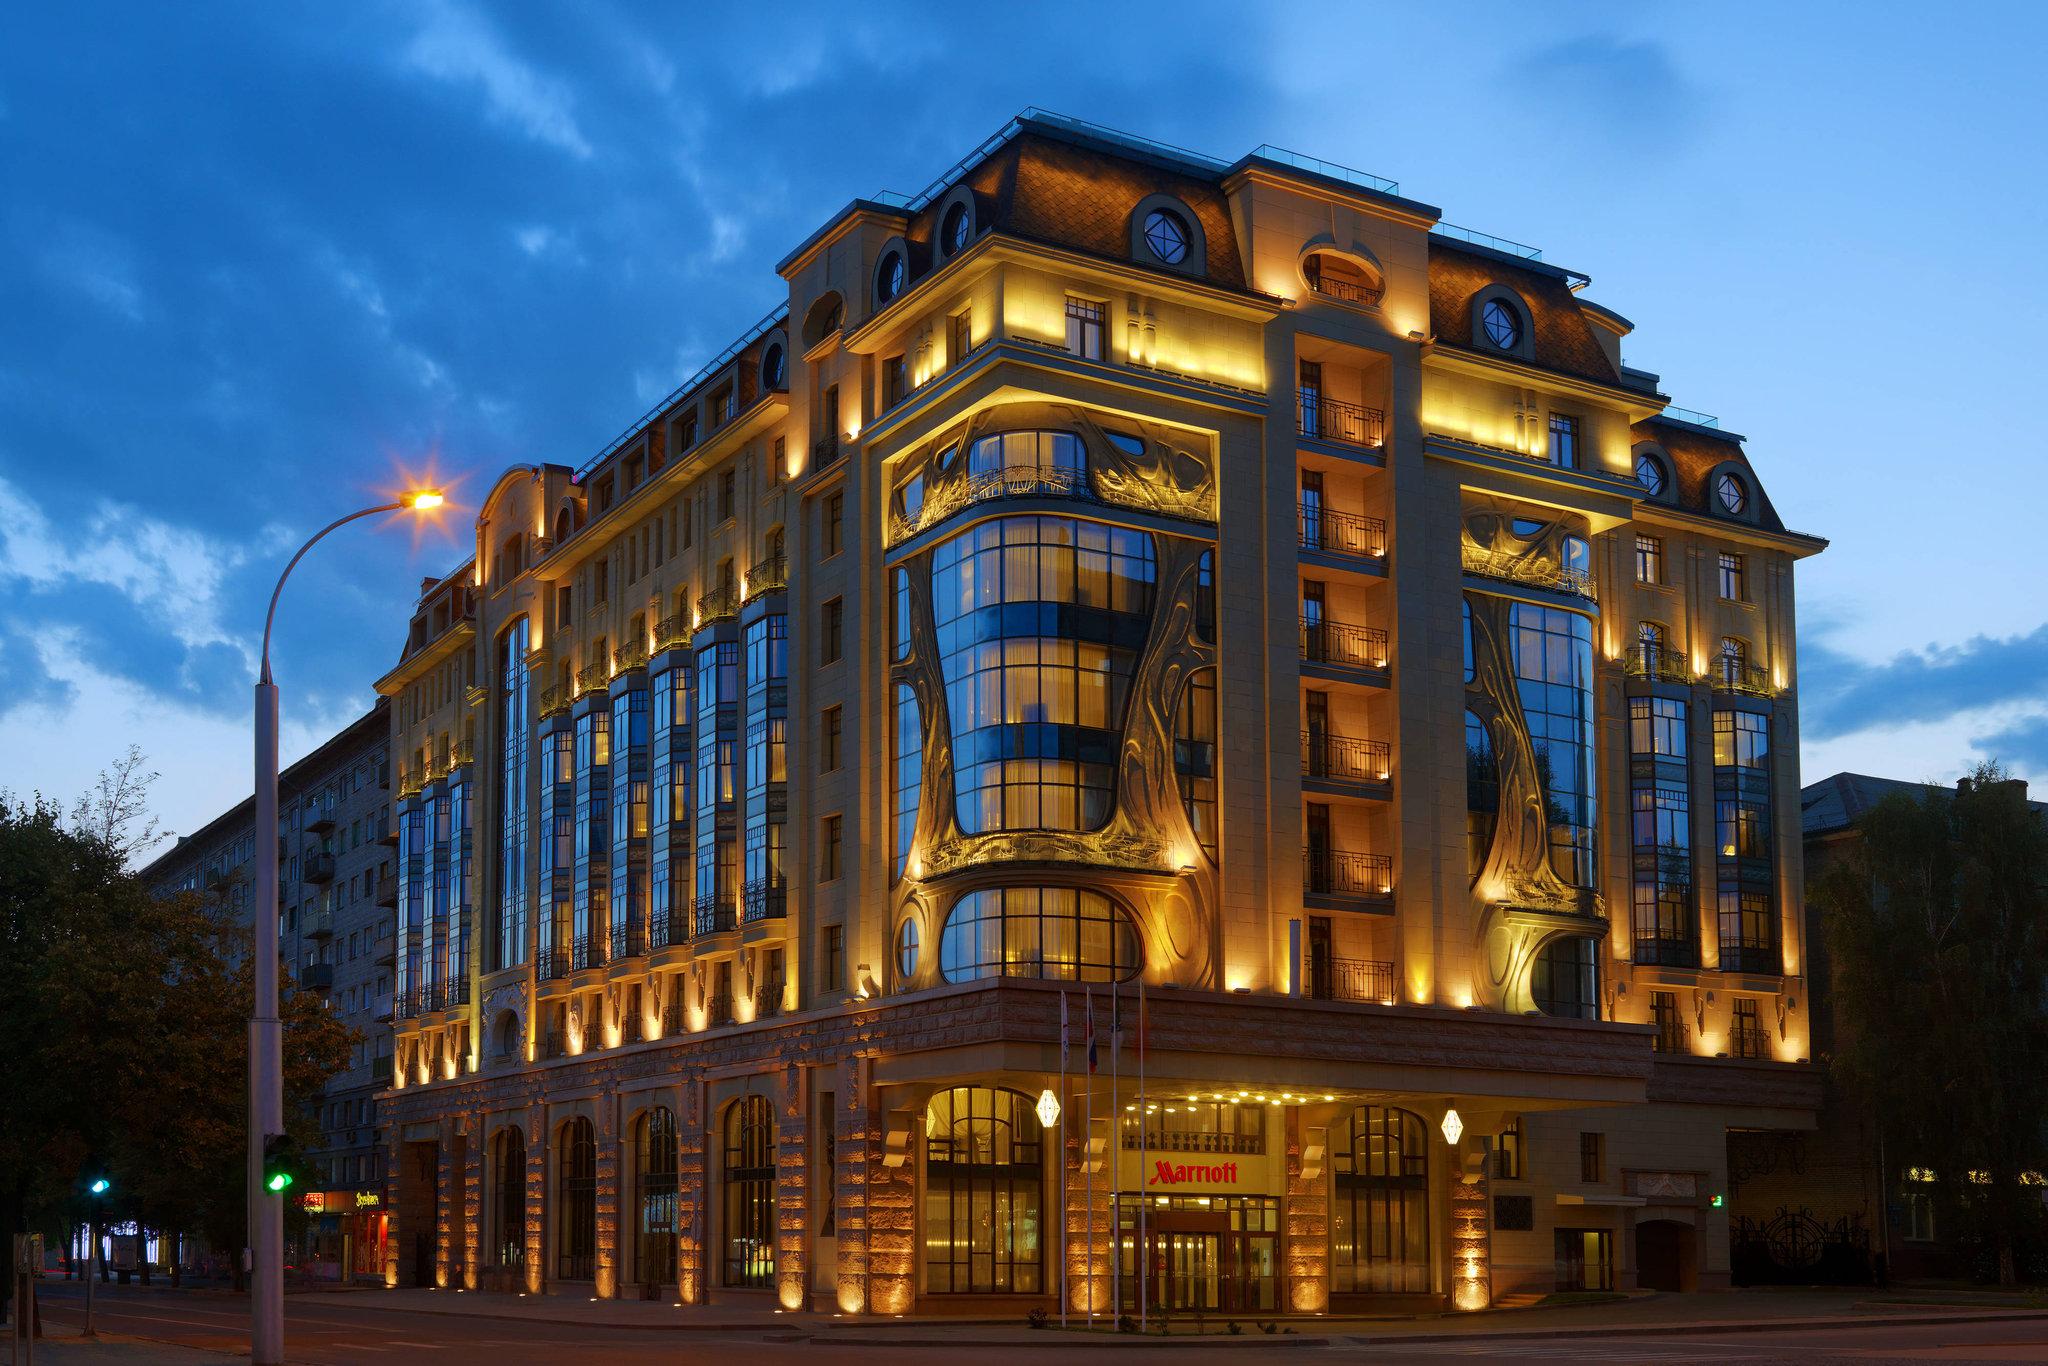 Marriott Hotel Novosibirsk